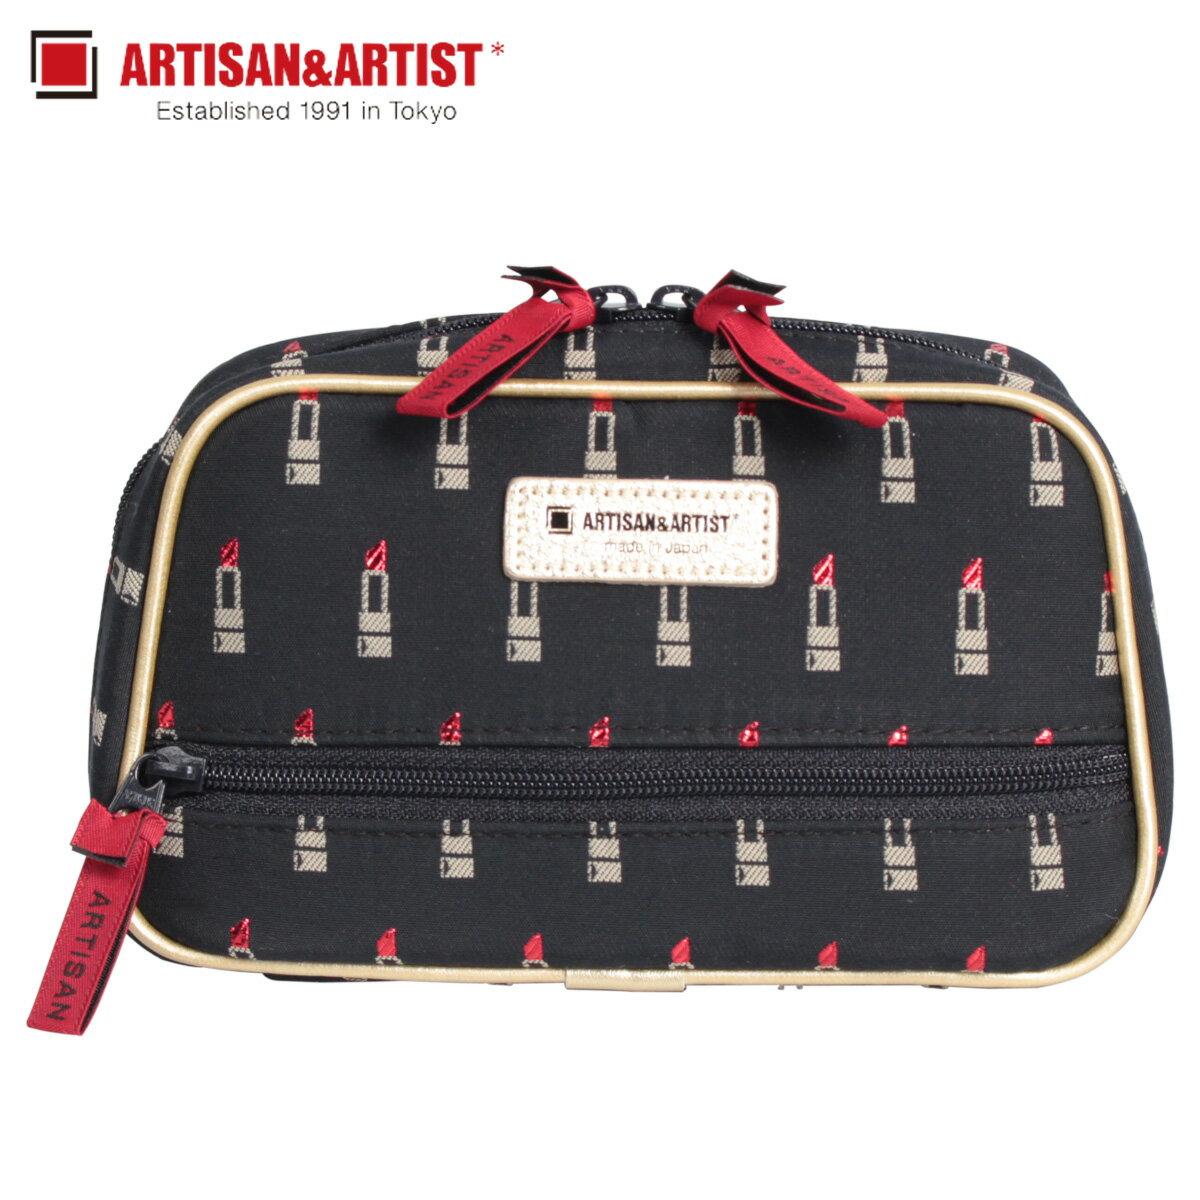 レディースバッグ, 化粧ポーチ ARTISANARTIST SUB POUCH WITH TISSUE CASE 9WP-LI117